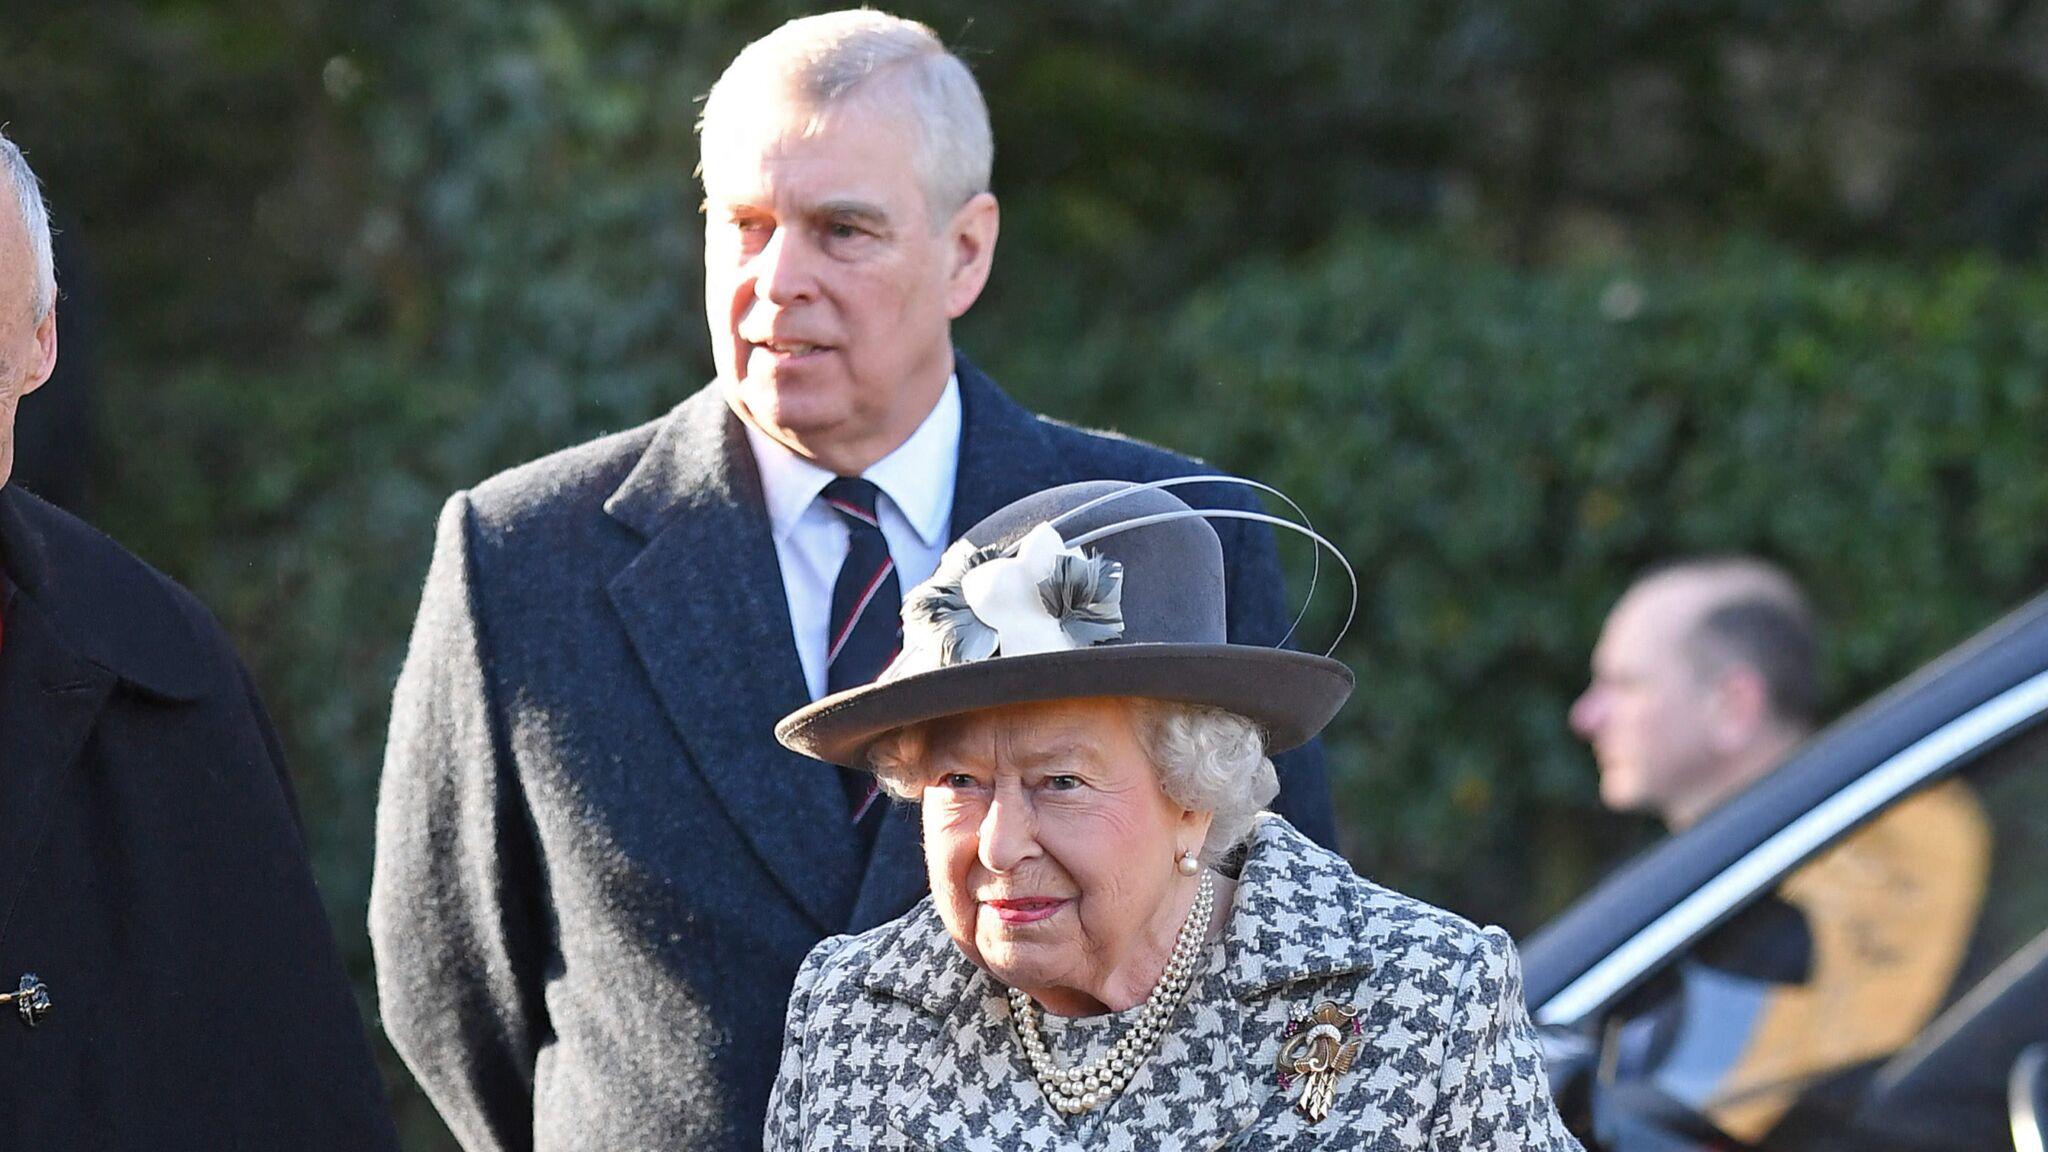 Elizabeth II accompagnée du prince Andrew à la messe : cette apparition publique qui surprend